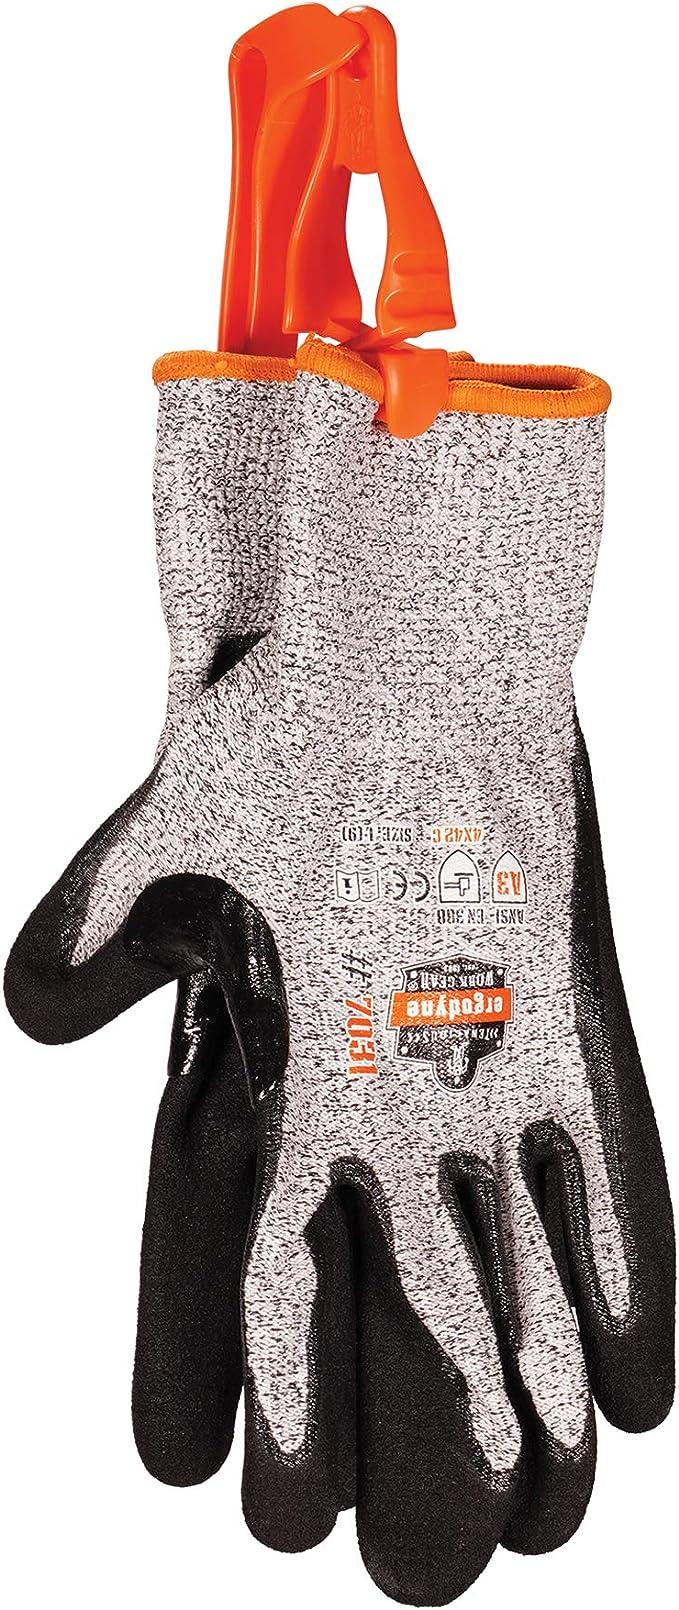 1X ERGODYNE Squids 3400 Orange Glove belt Grabber Holder Dual Clip